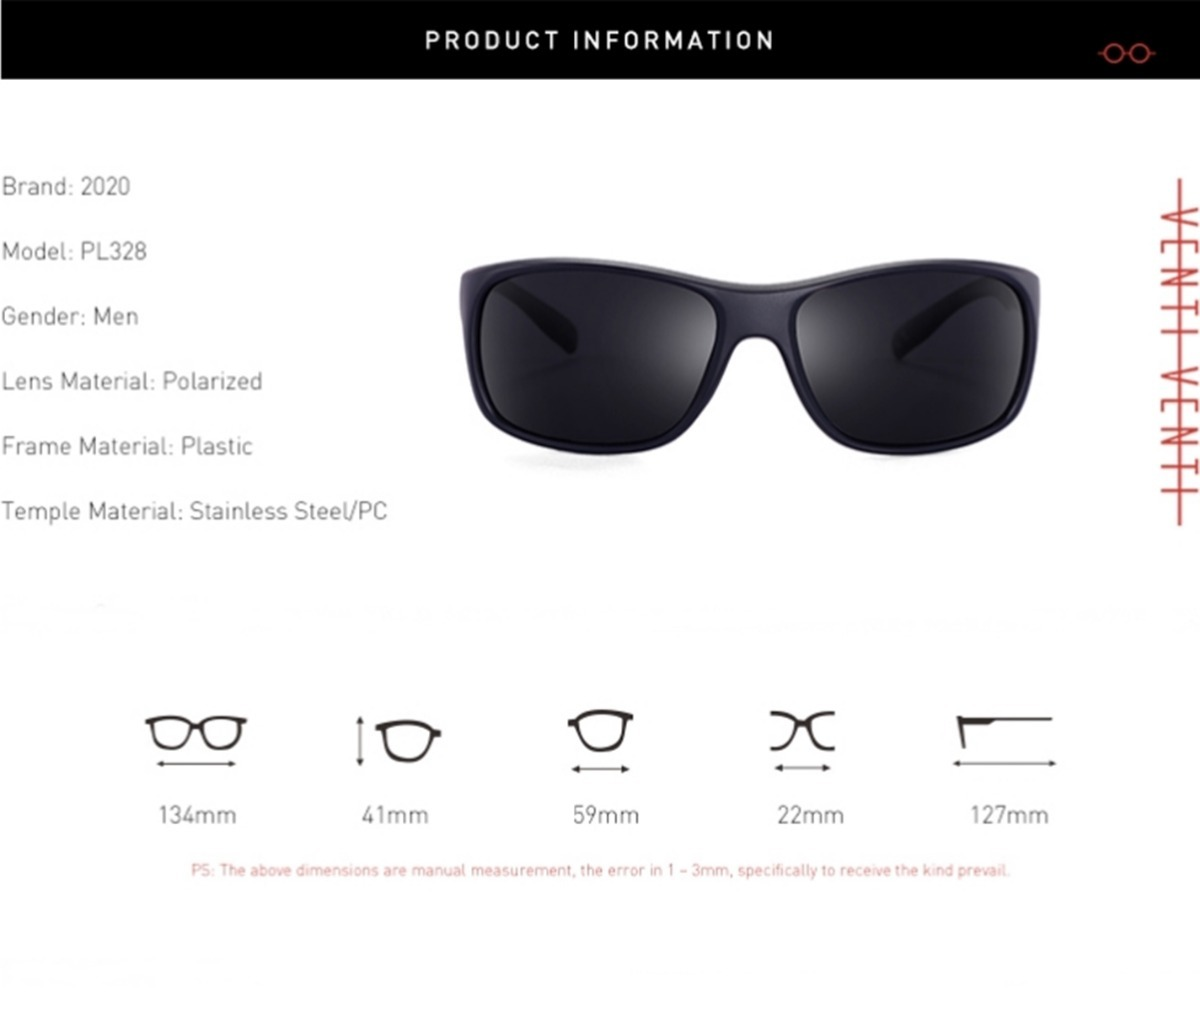 9b68595ae óculos sol masculino polarizado uv400 20/20 pl328 promoção. Carregando zoom.